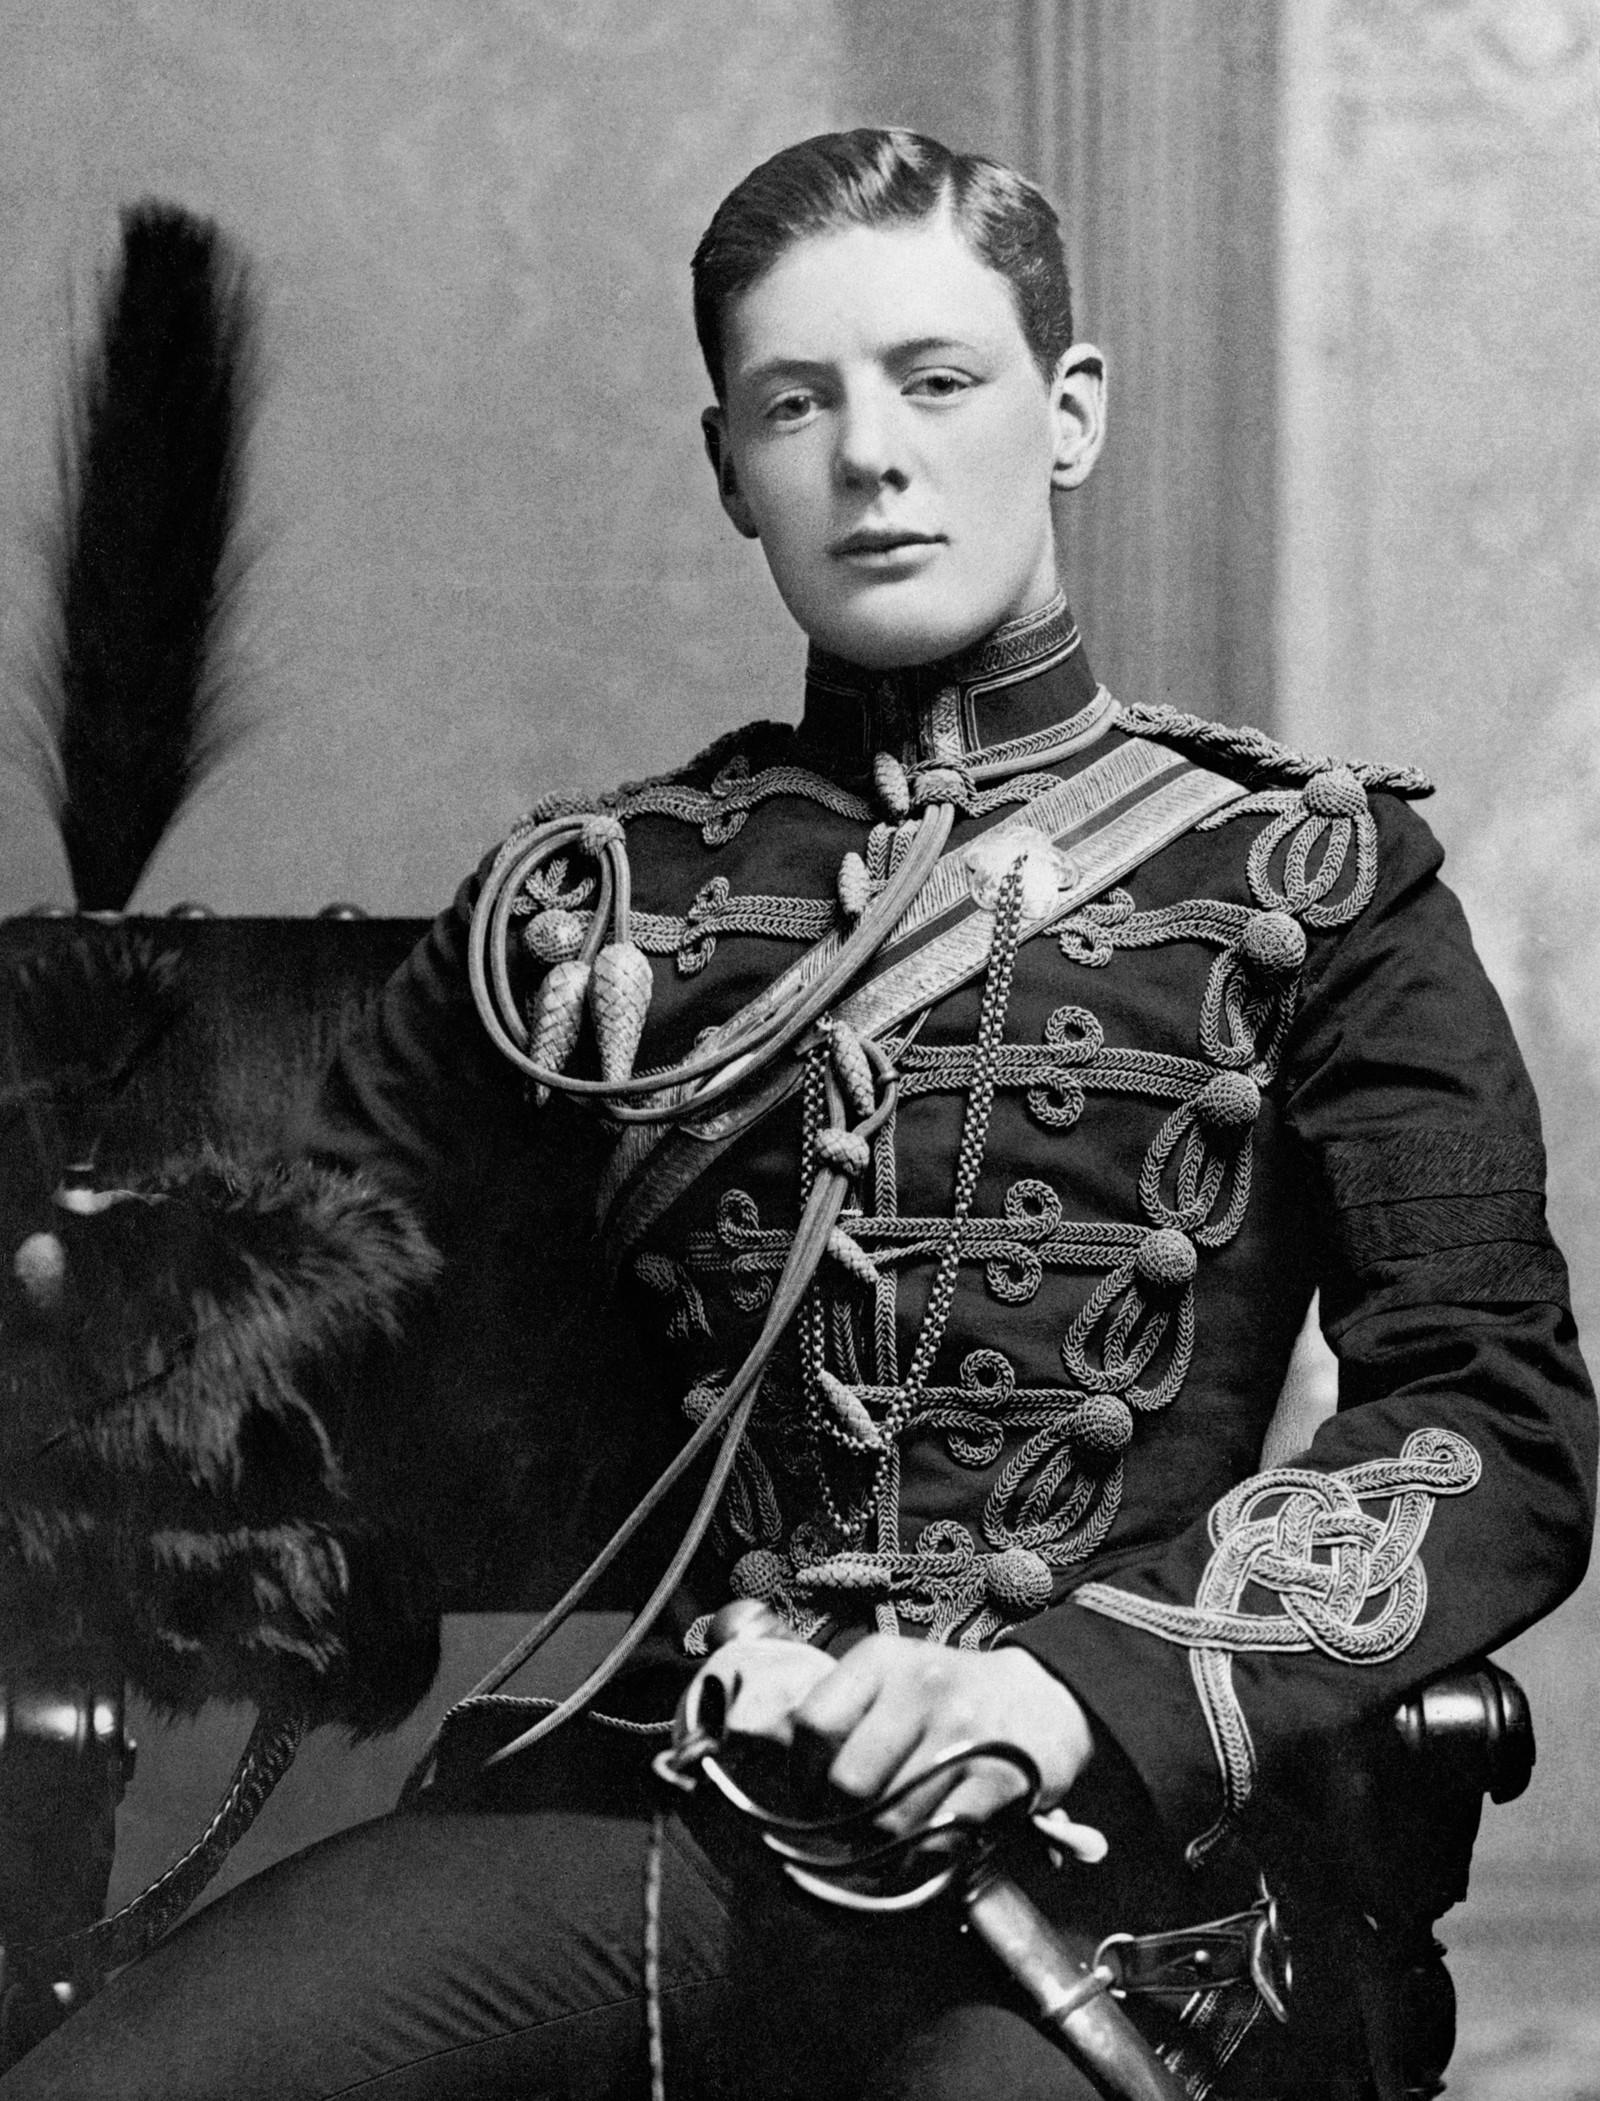 Løytnant Winston Churchill I 1895.